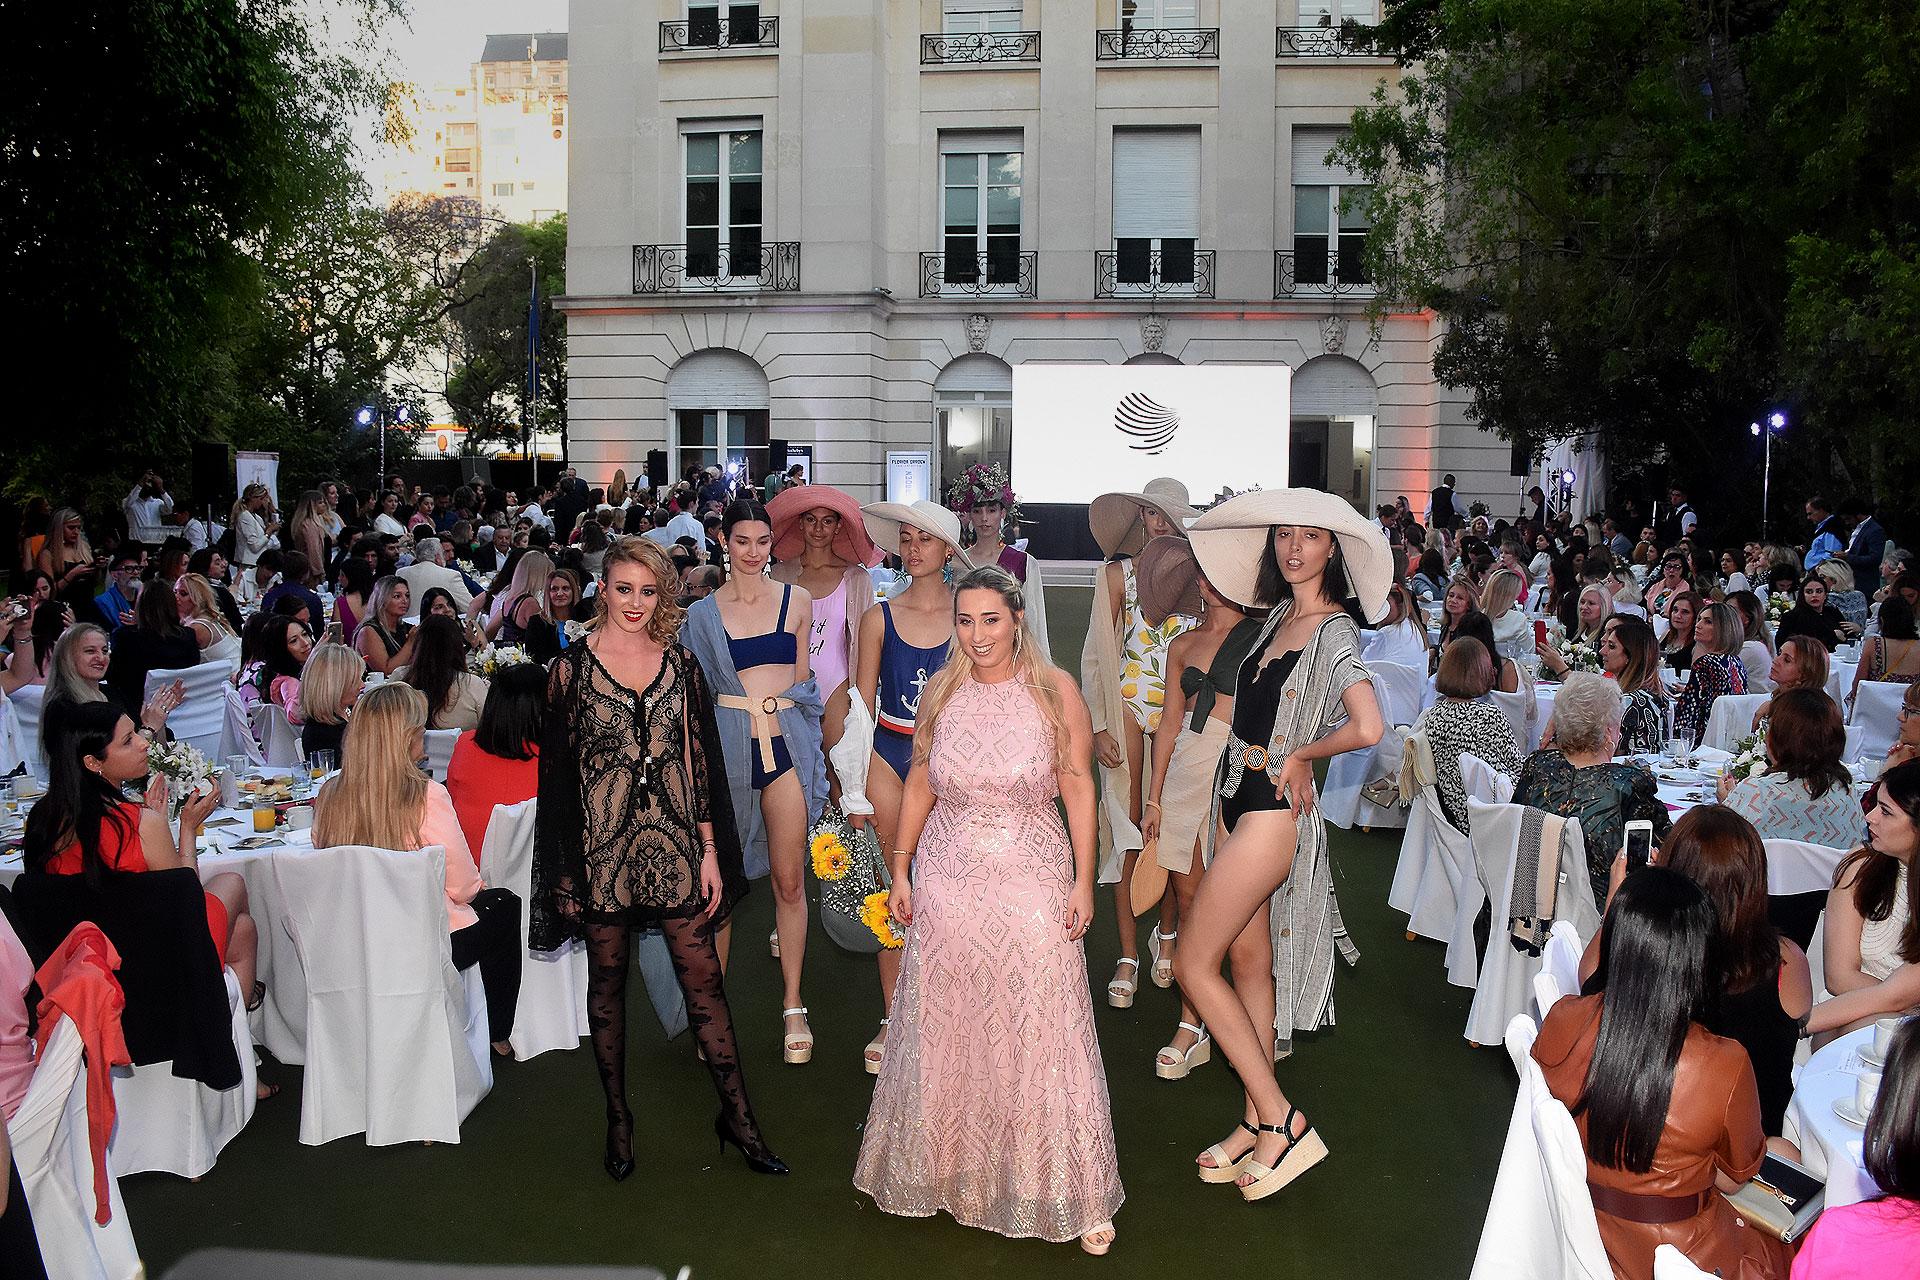 Durante toda la tarde, además de Benito Fernández y Ágatha Ruiz de la Prada, diseñadores nacionales e internacionales presentaron sus colecciones, como Iara Alta Costura, Las Buttner, Hanna Haute Couture, Luciano Lapasini, Rossi Tuxedo y Le Mer Beachwear